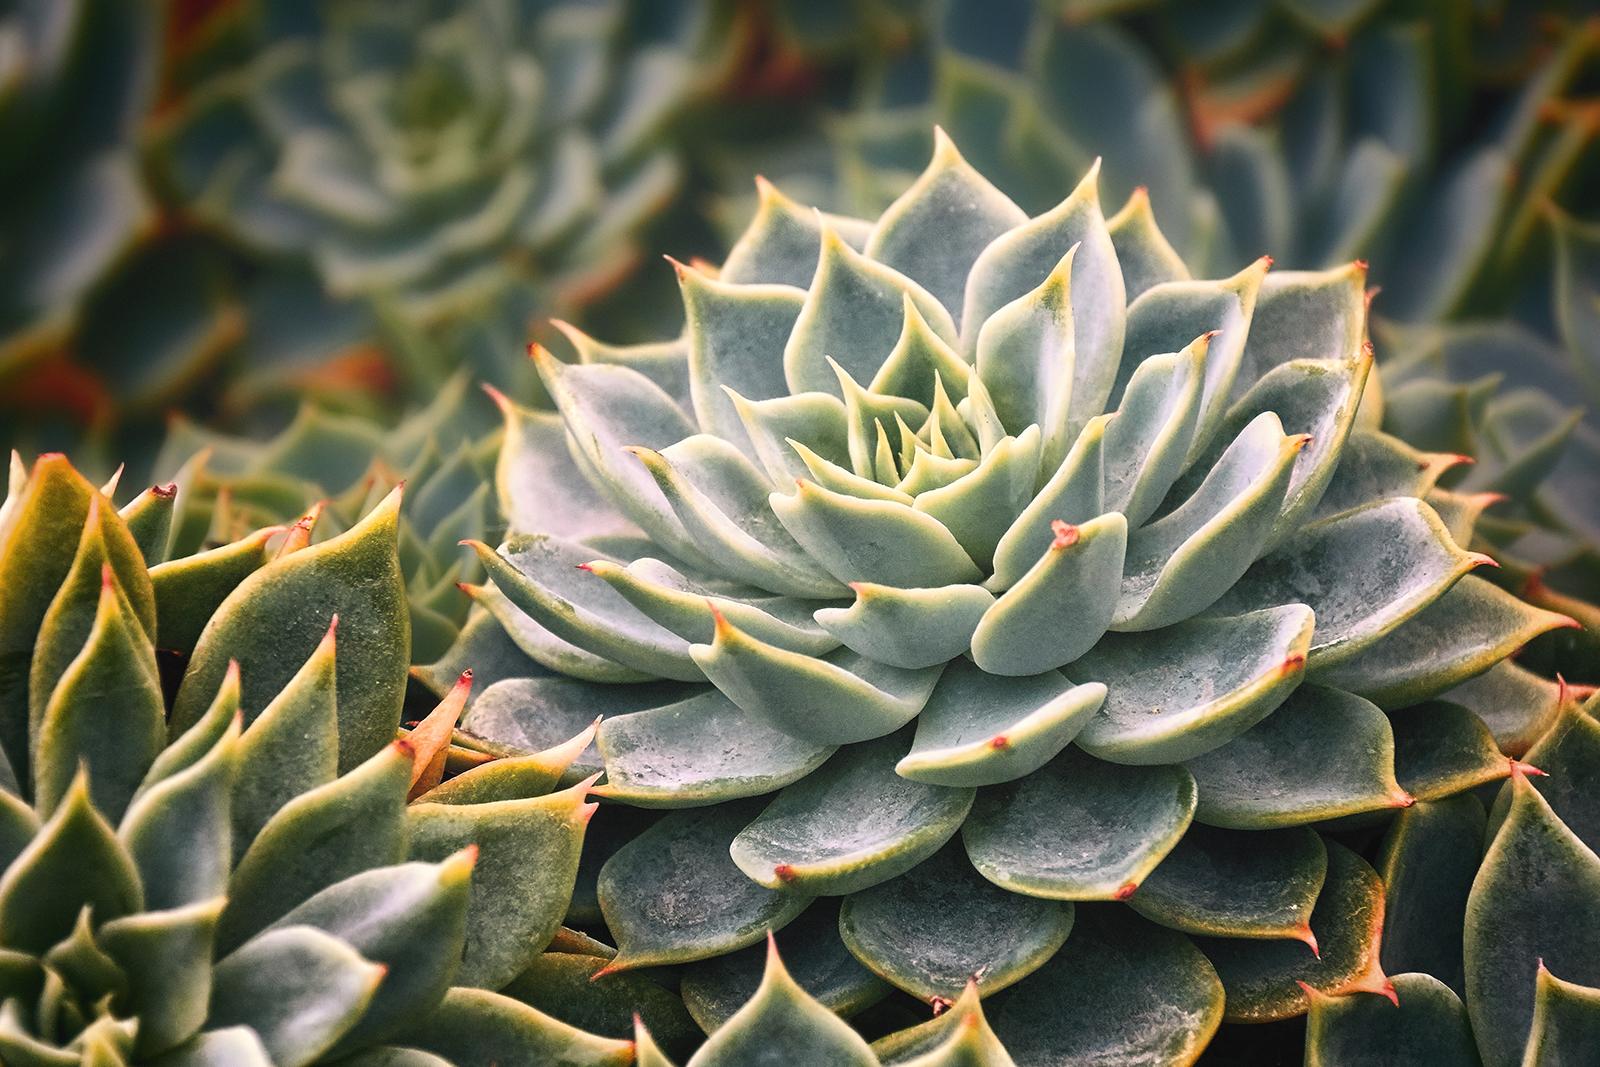 Closeup of a Jovibarba Heuffelii Succulent